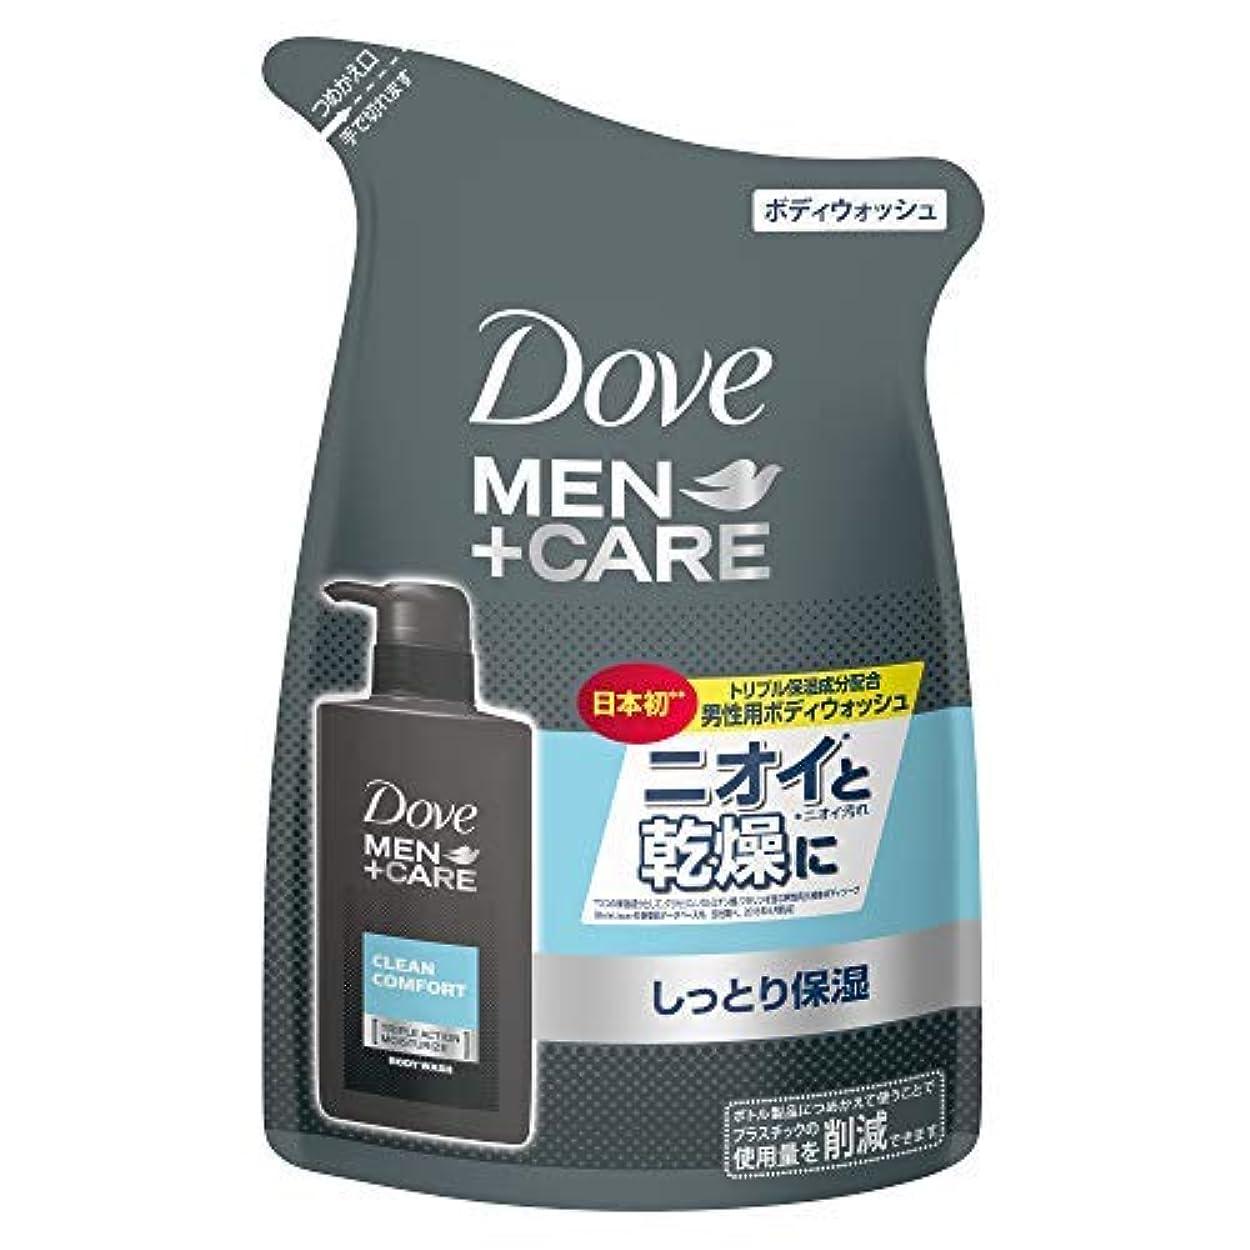 ダヴメン+ケア ボディウォッシュ クリーンコンフォート つめかえ用 320g × 2個セット